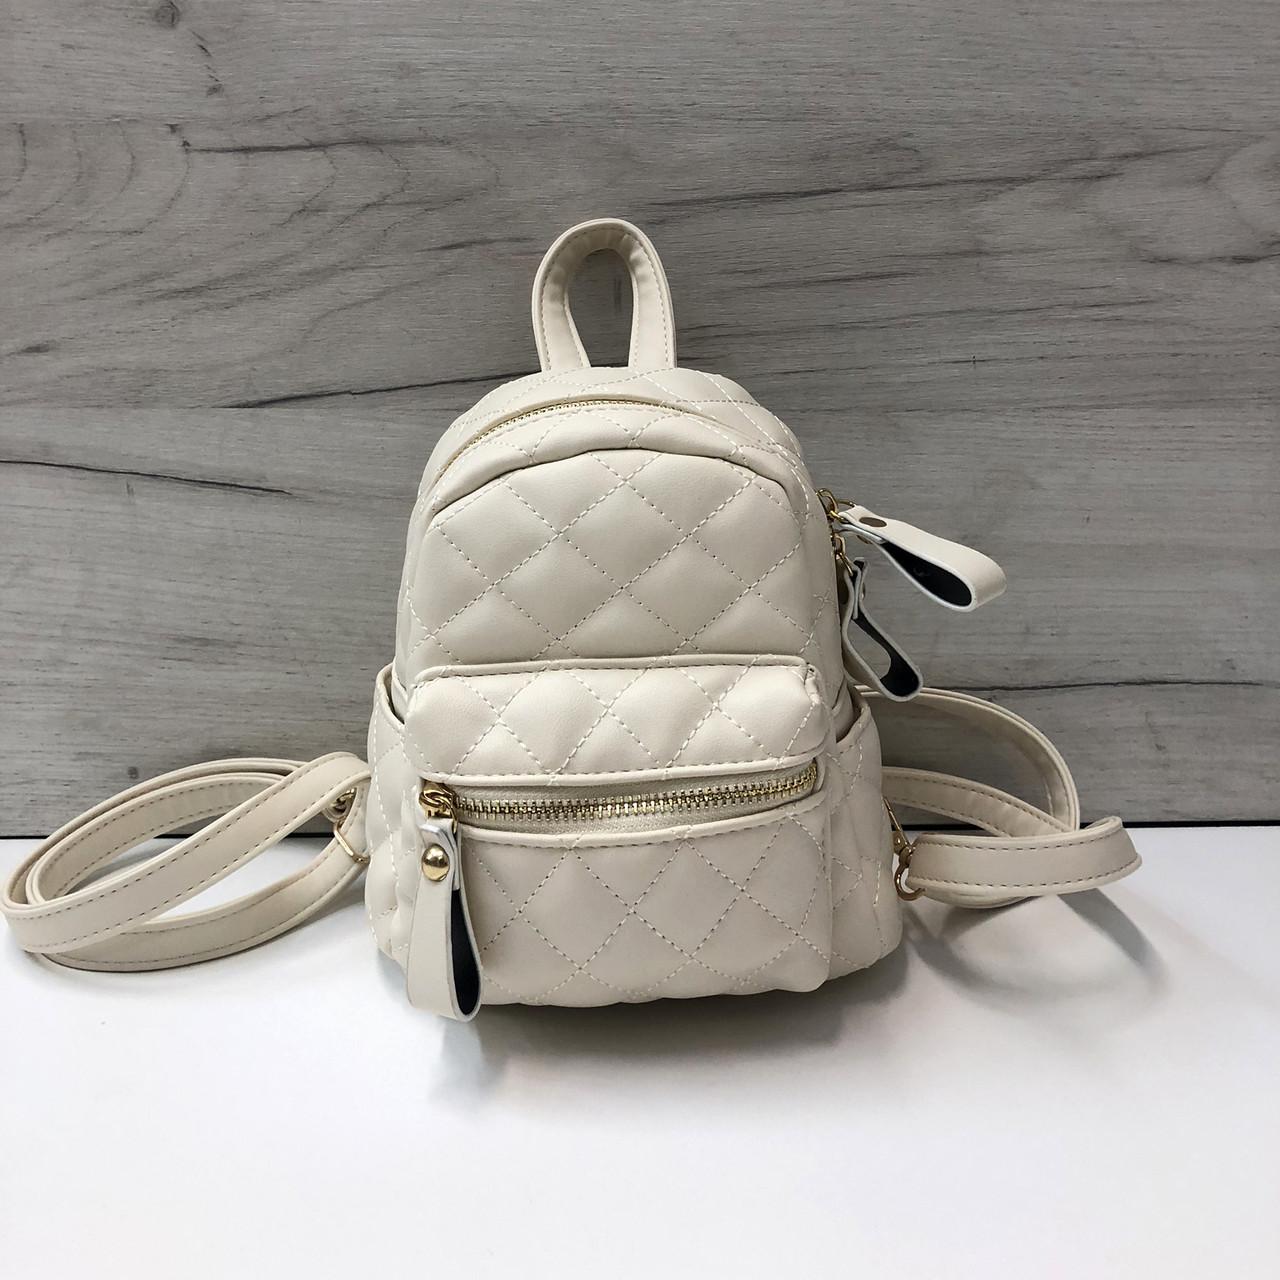 Невеликий рюкзак з кишенею спереду | портфель стьобана структура арт.0558 Білий